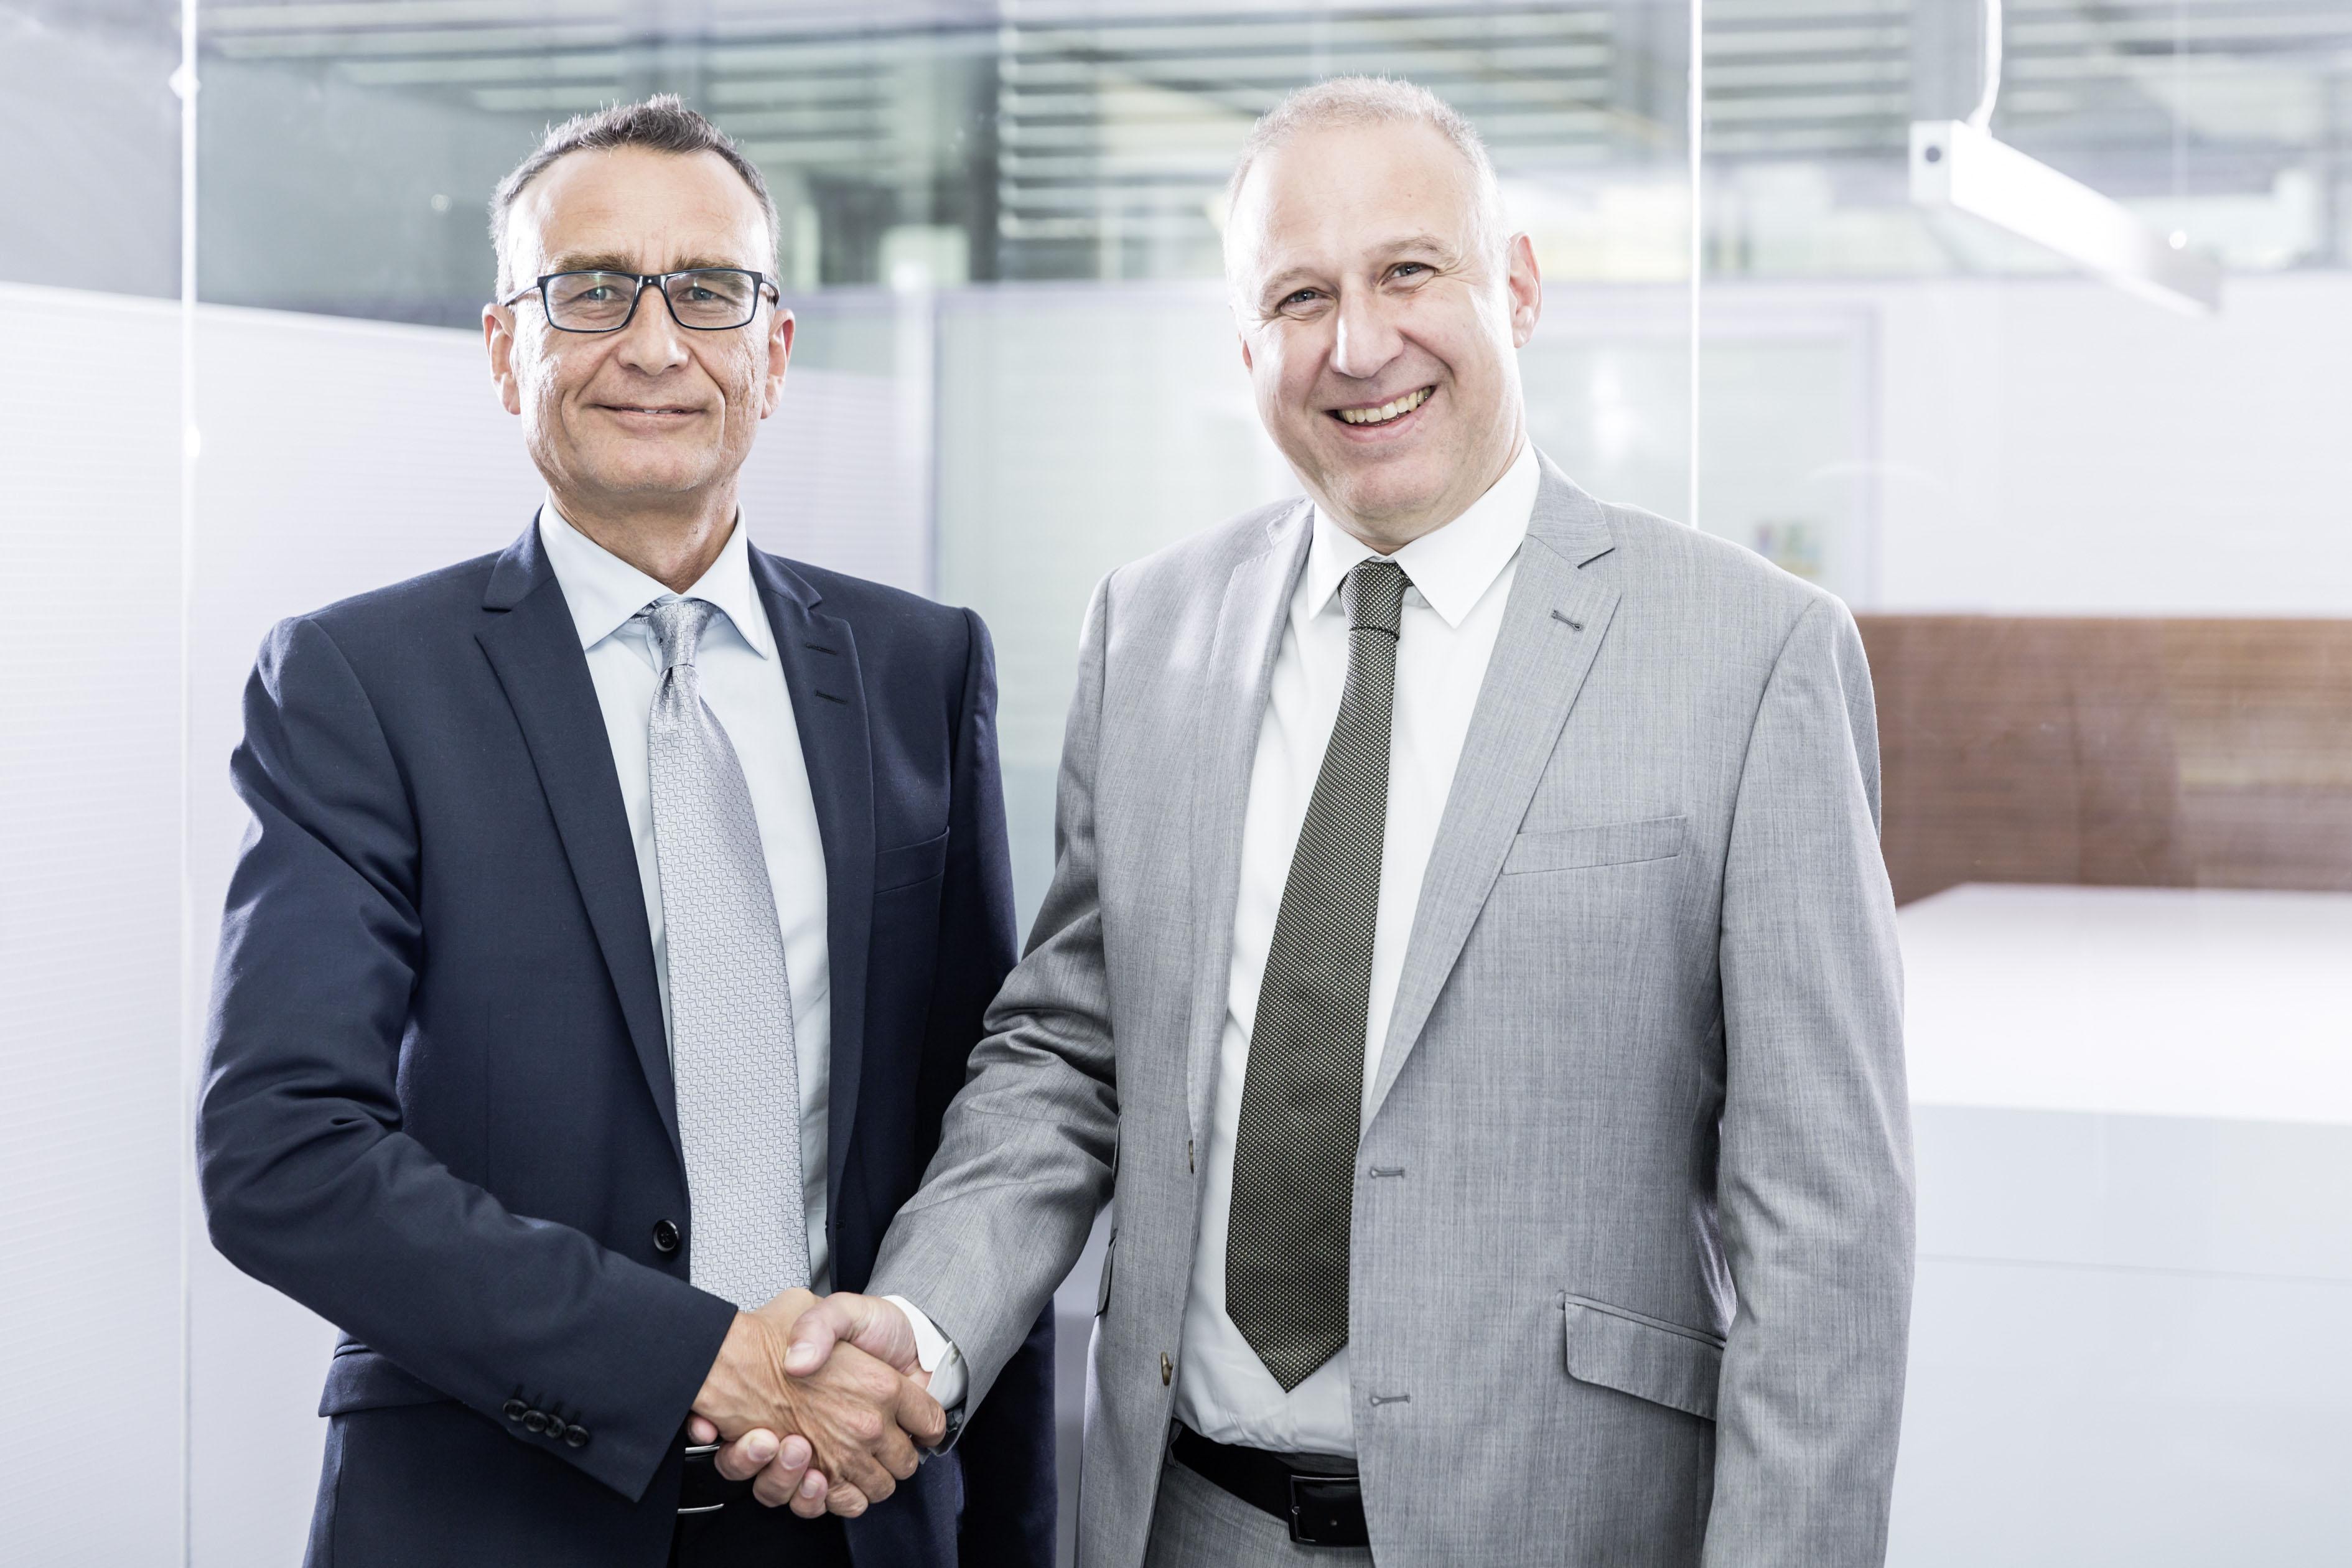 Andreas Rieser (l.) und Urs Klipfel (r.) leiten künftig den ATP-Standort in Nürnberg. Foto: ATP/Rauschmeir